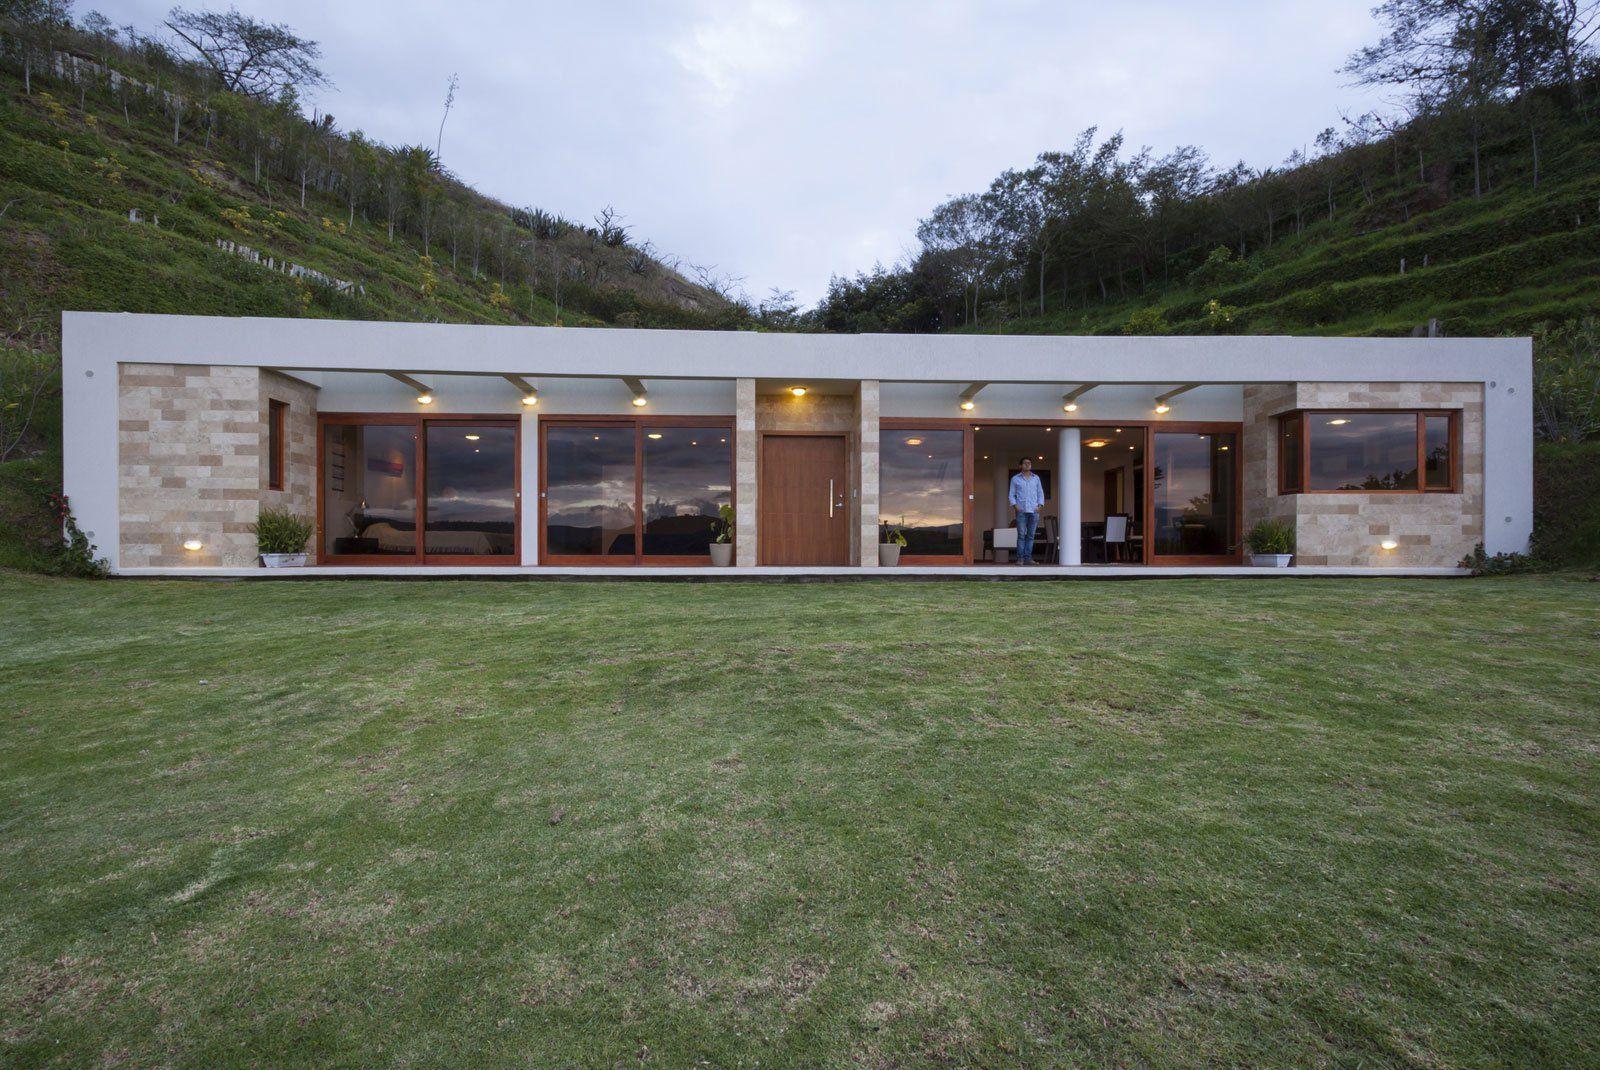 Casa moderna de un piso de 140 metros cuadrados dise o de for Casa moderna 140 m2